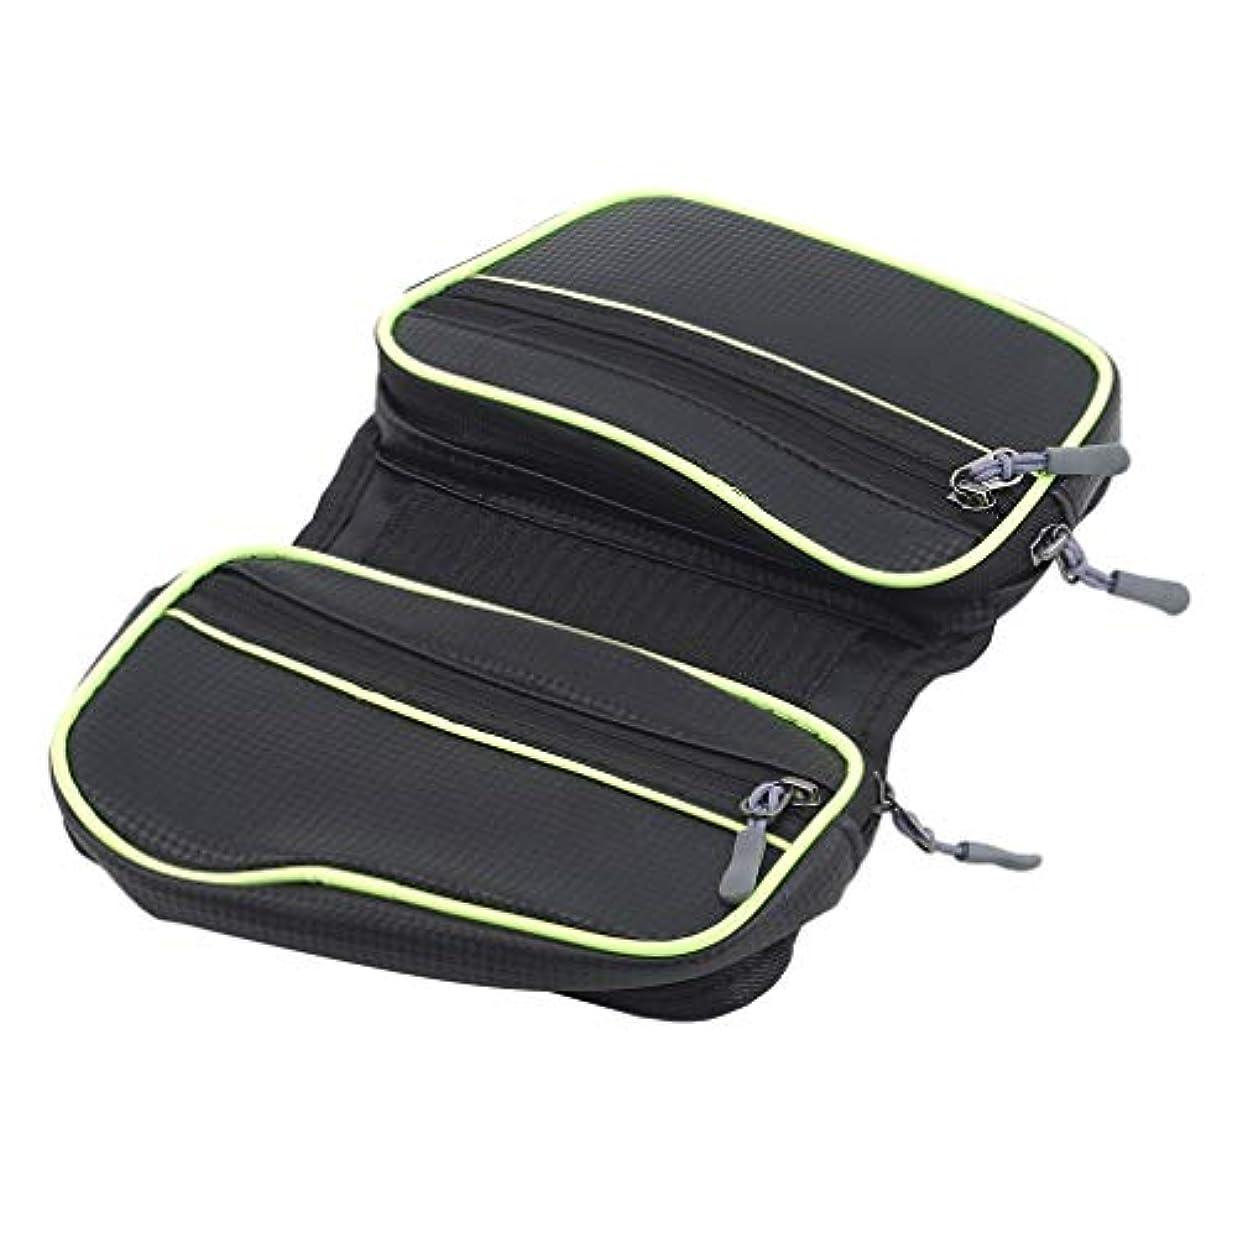 一致する湿原再編成する虹色蝶 トップチューブバッグ フレームバッグ タッチスクリーン機能 自転車バッグ スマホホルダー 小物入れ 大容量 防水 取り付け簡単,緑色